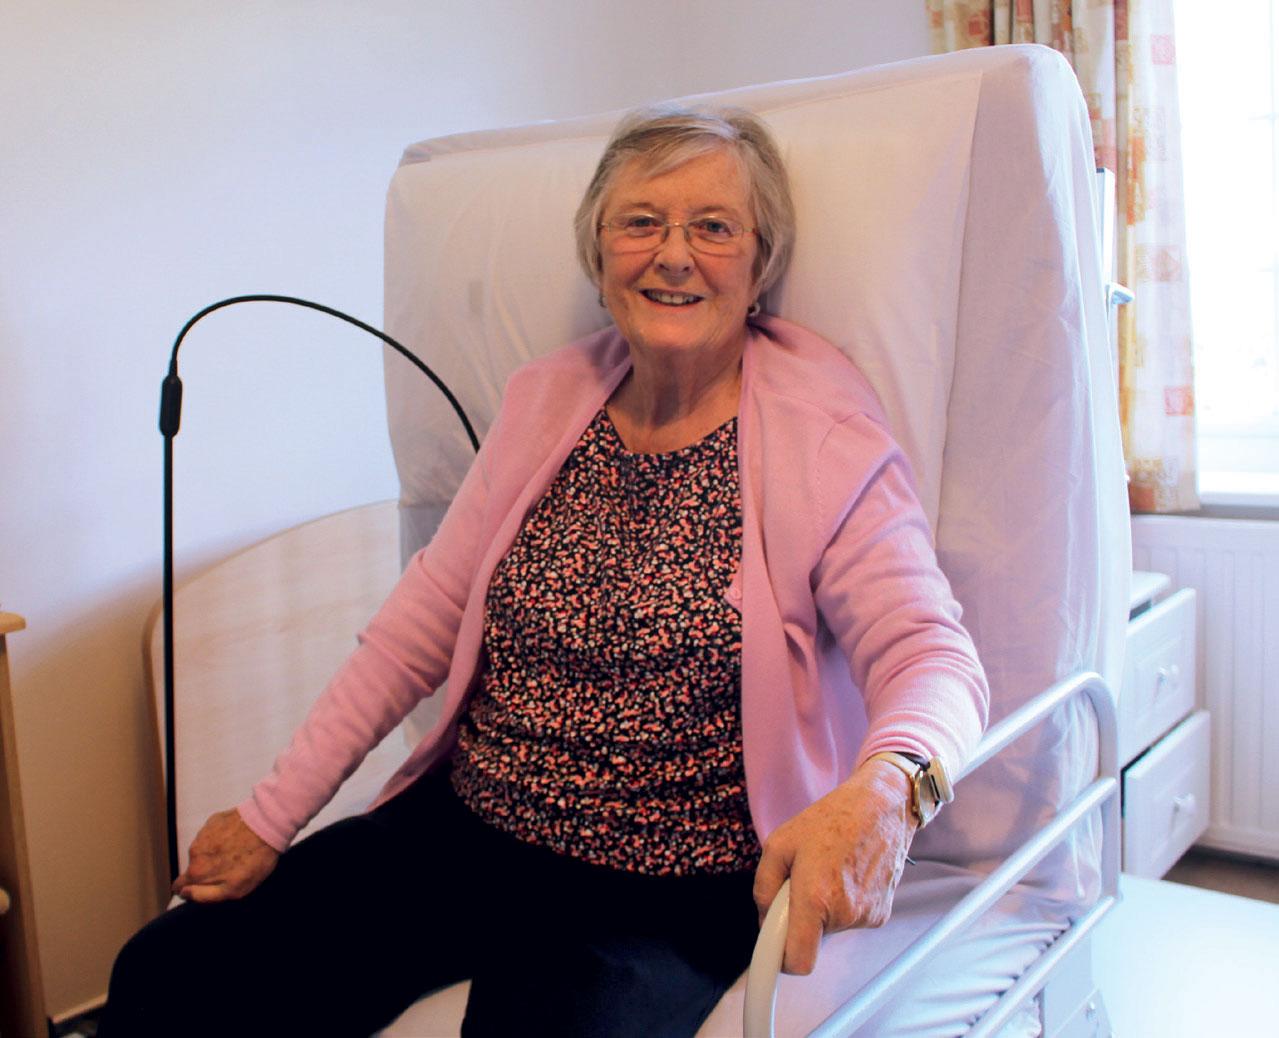 Linda sat on her Rotoflex Bed